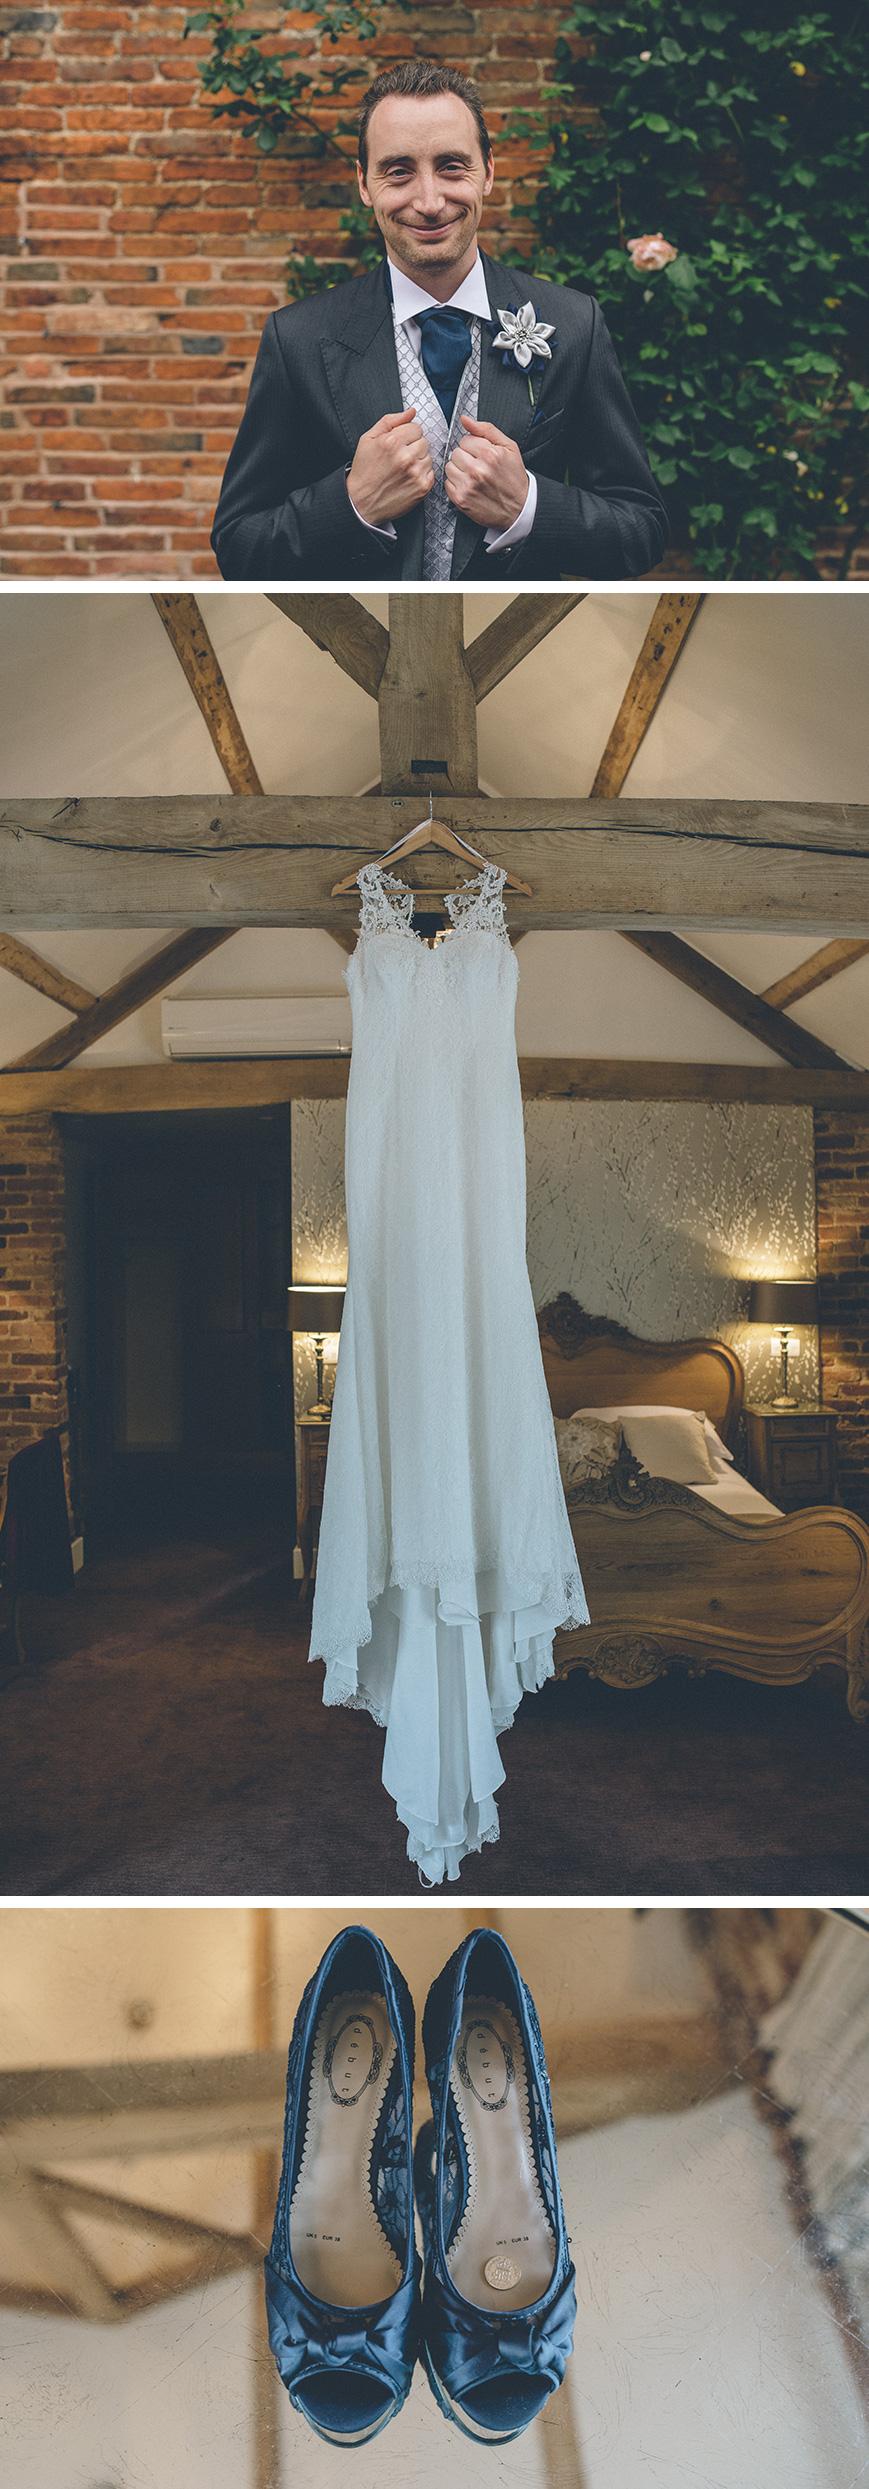 Real Wedding - Hazel and Chris' DIY Barn Wedding at Mythe Barn - Outfits | CHWV